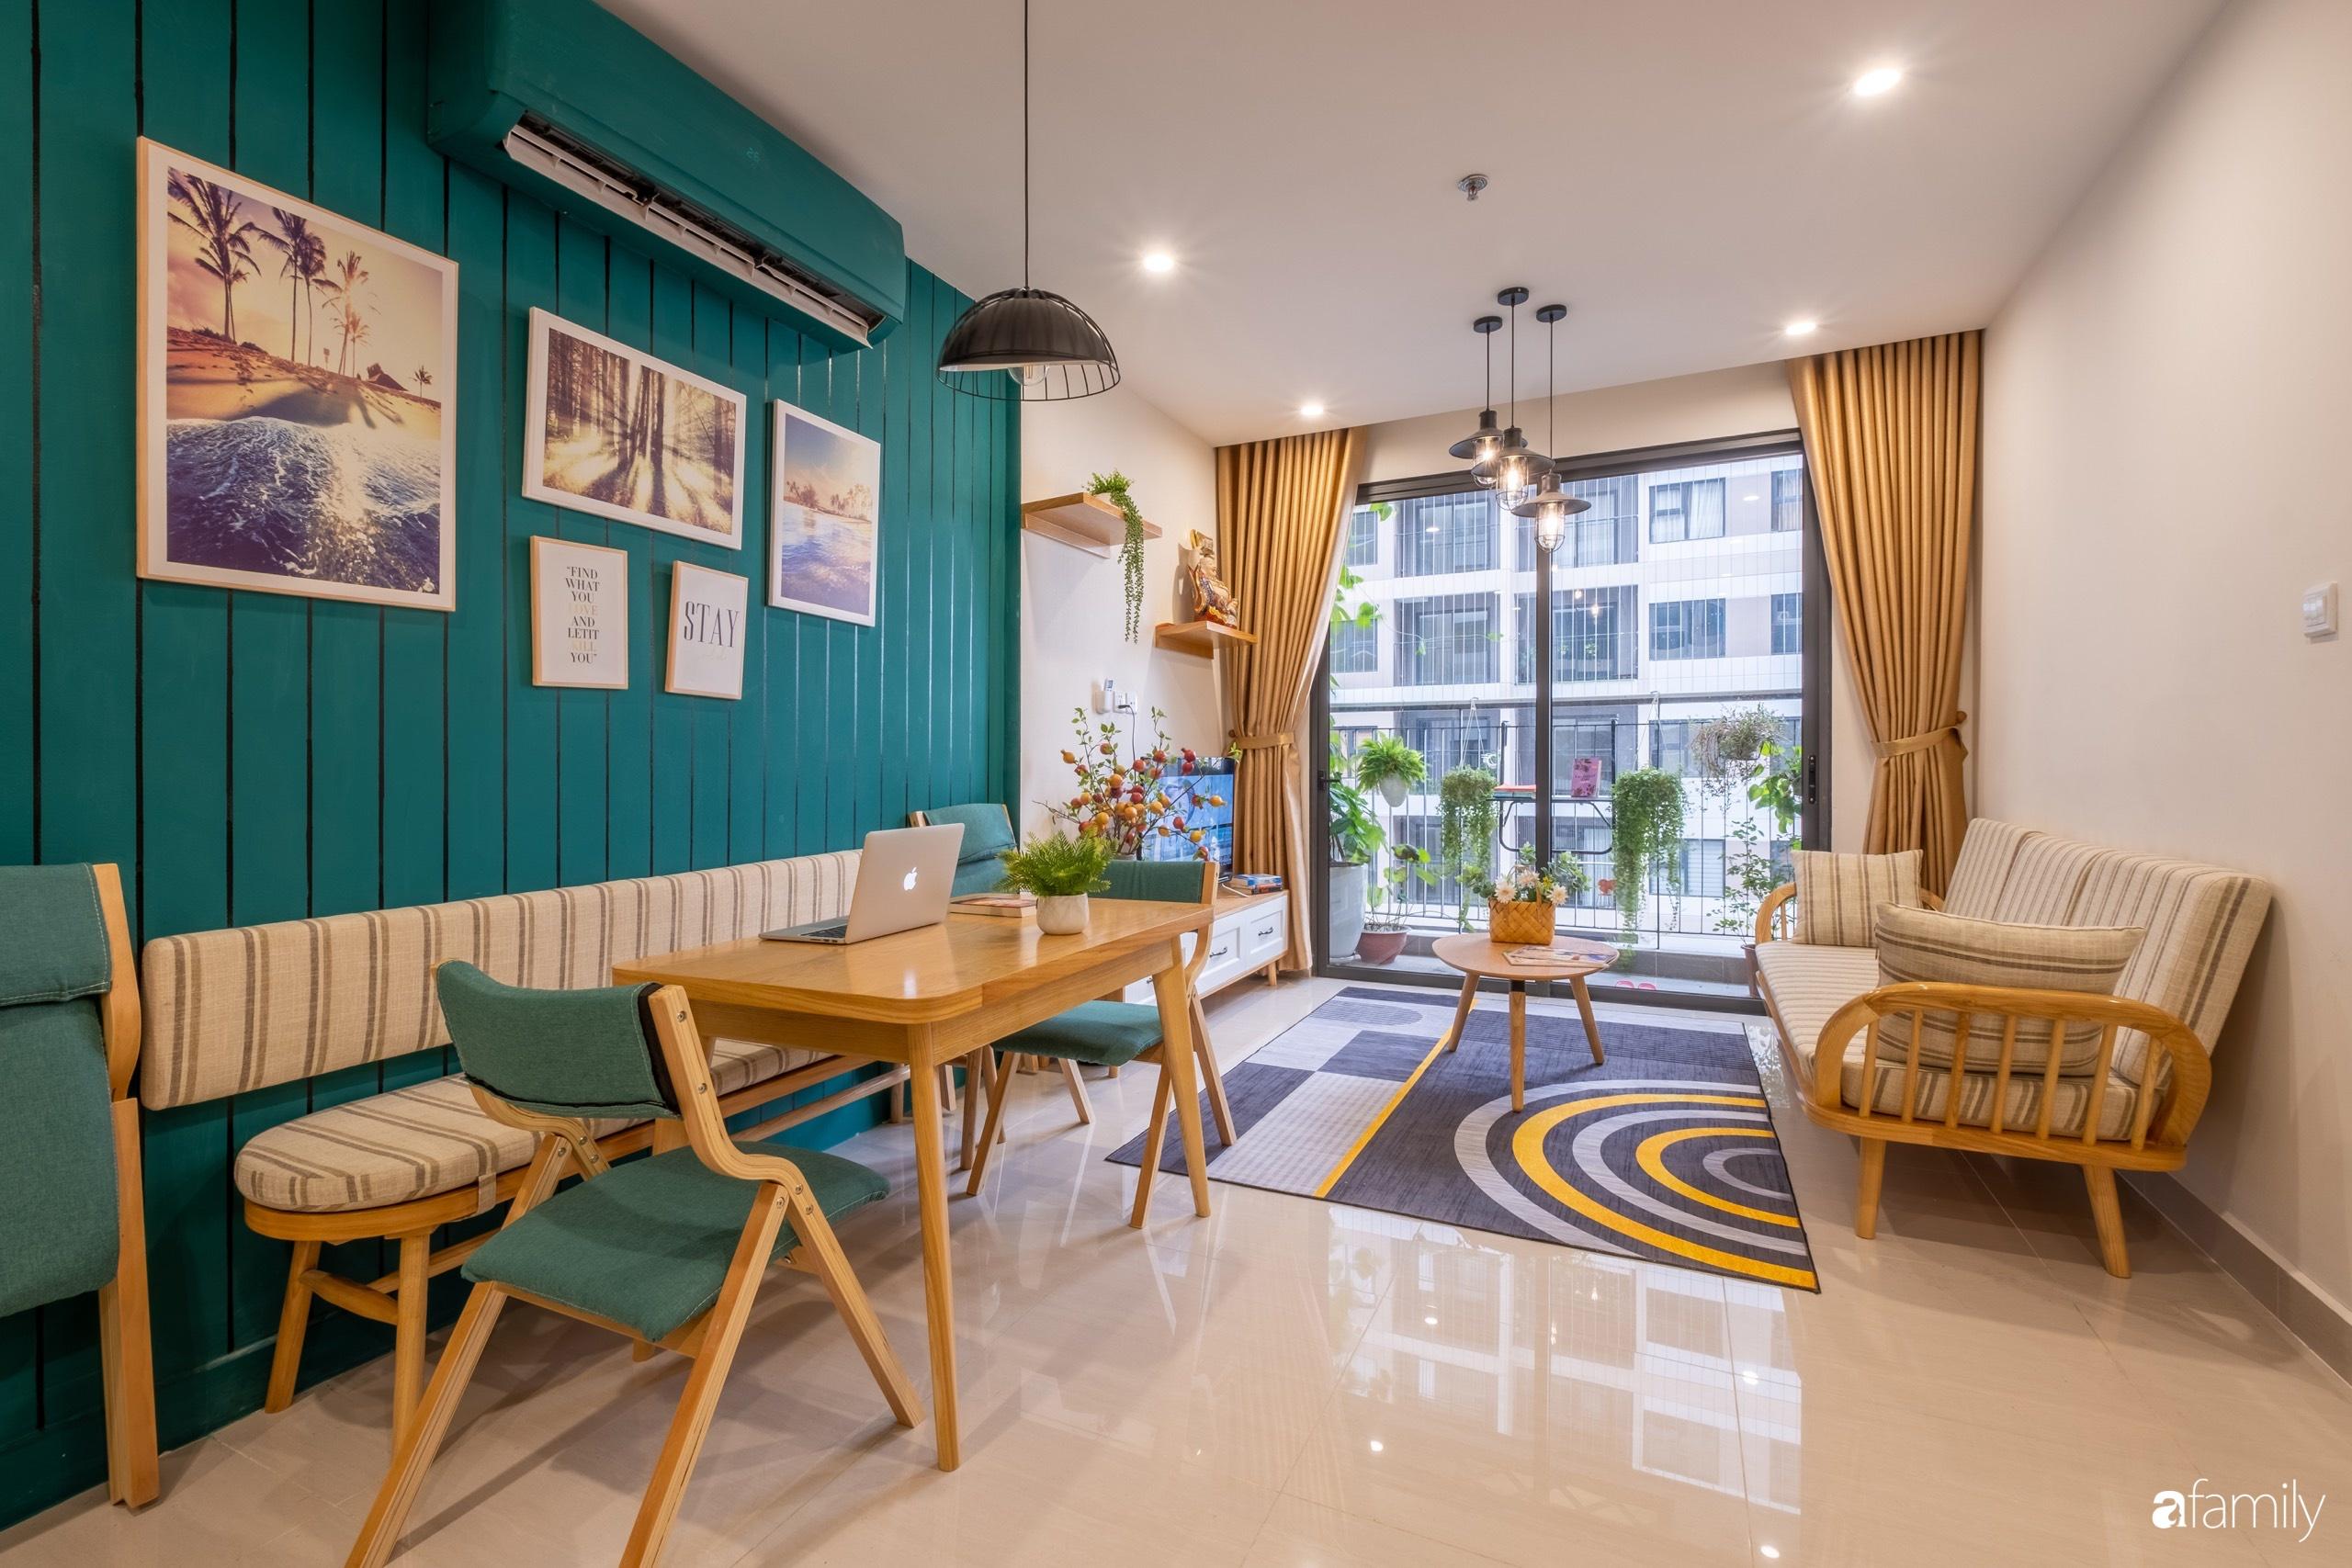 Căn hộ 54m² đẹp cuốn hút với tông màu xanh gần gũi với thiên nhiên có chi phí hoàn thiện nội thất 150 triệu đồng ở Hà Nội - Ảnh 8.